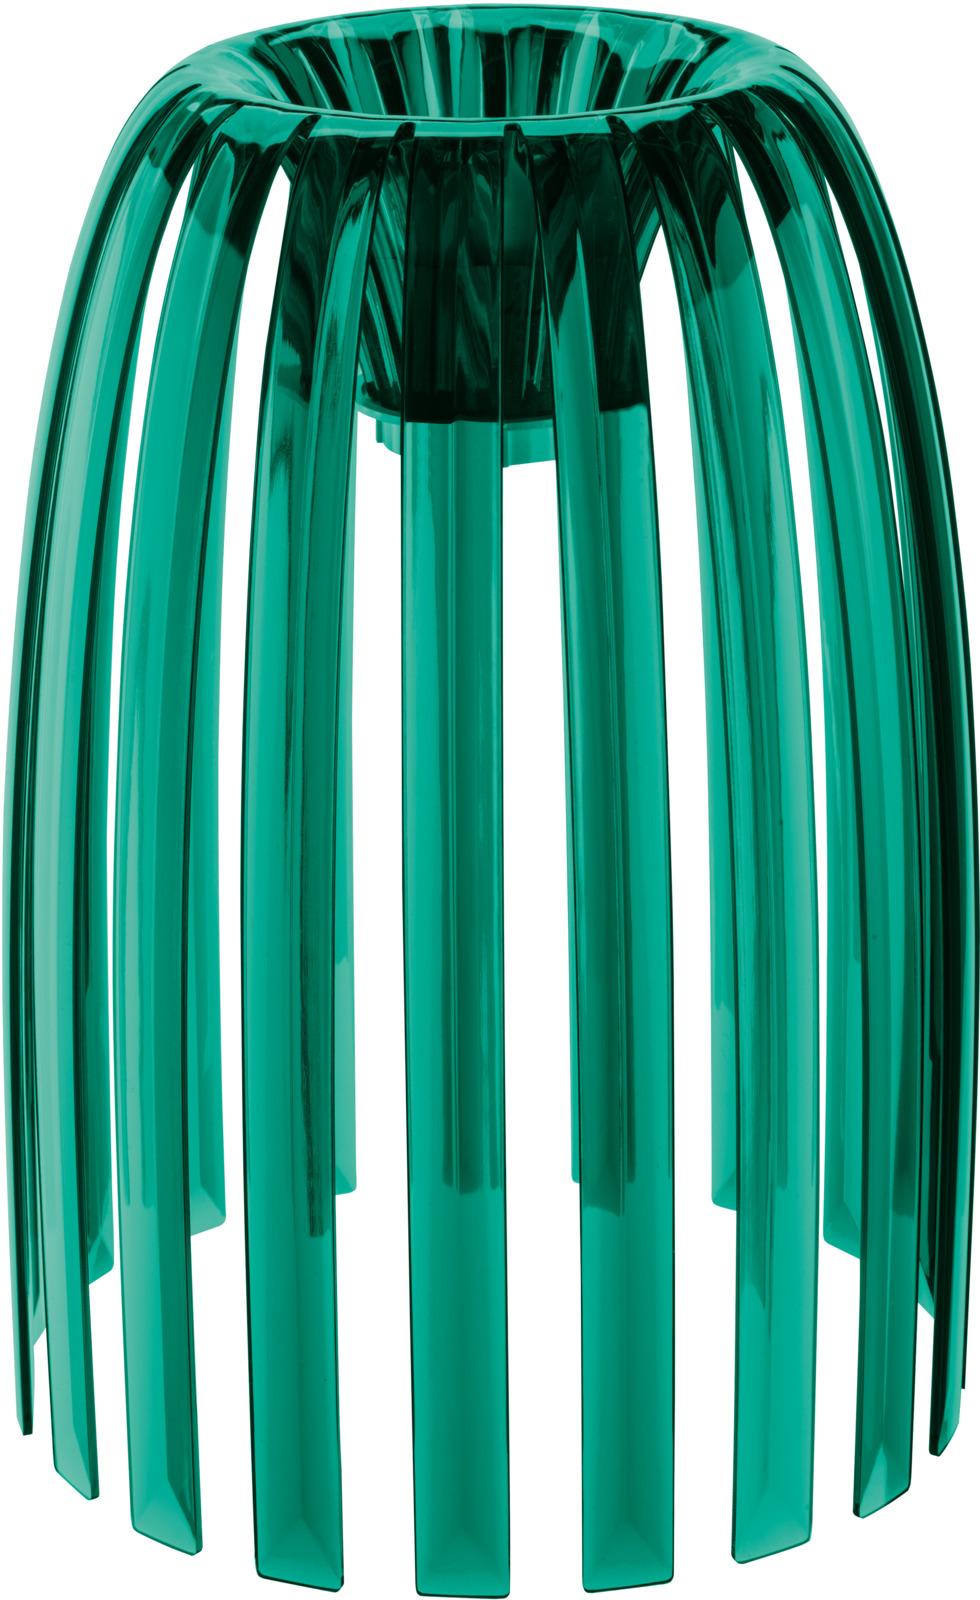 Плафон для светильника Koziol Josephine S, цвет: зеленый